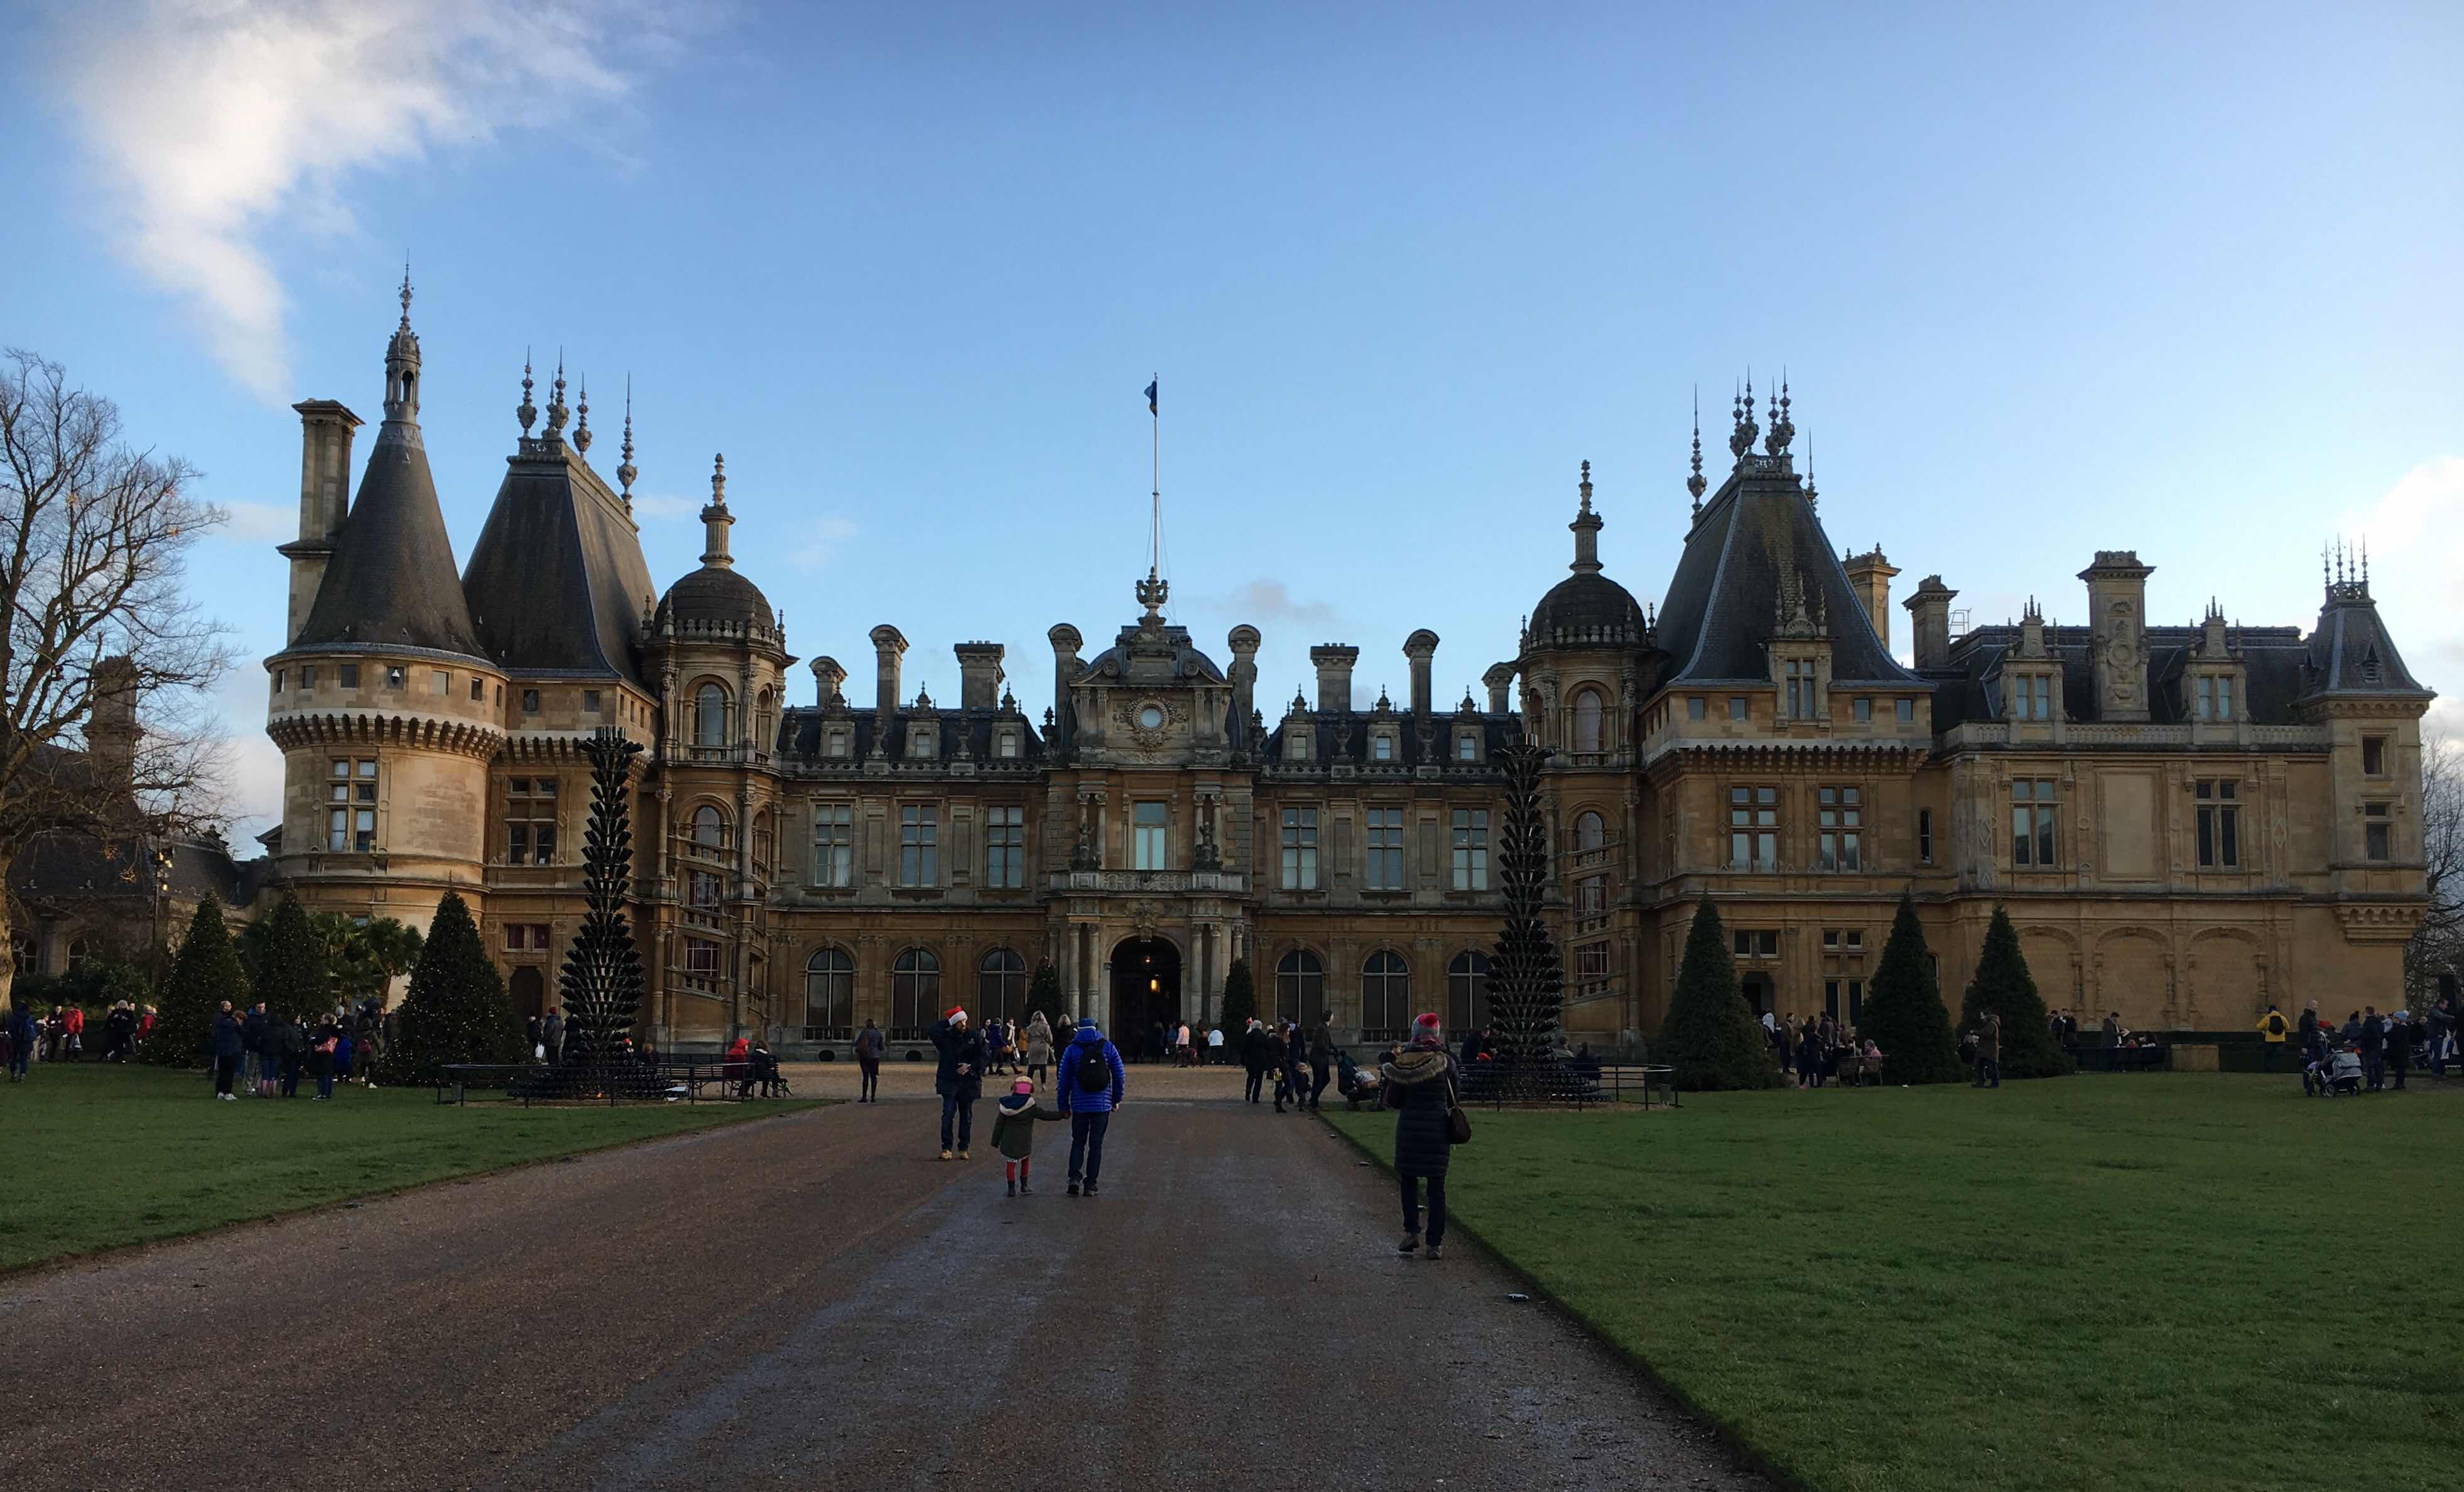 Waddesdon Manor in December